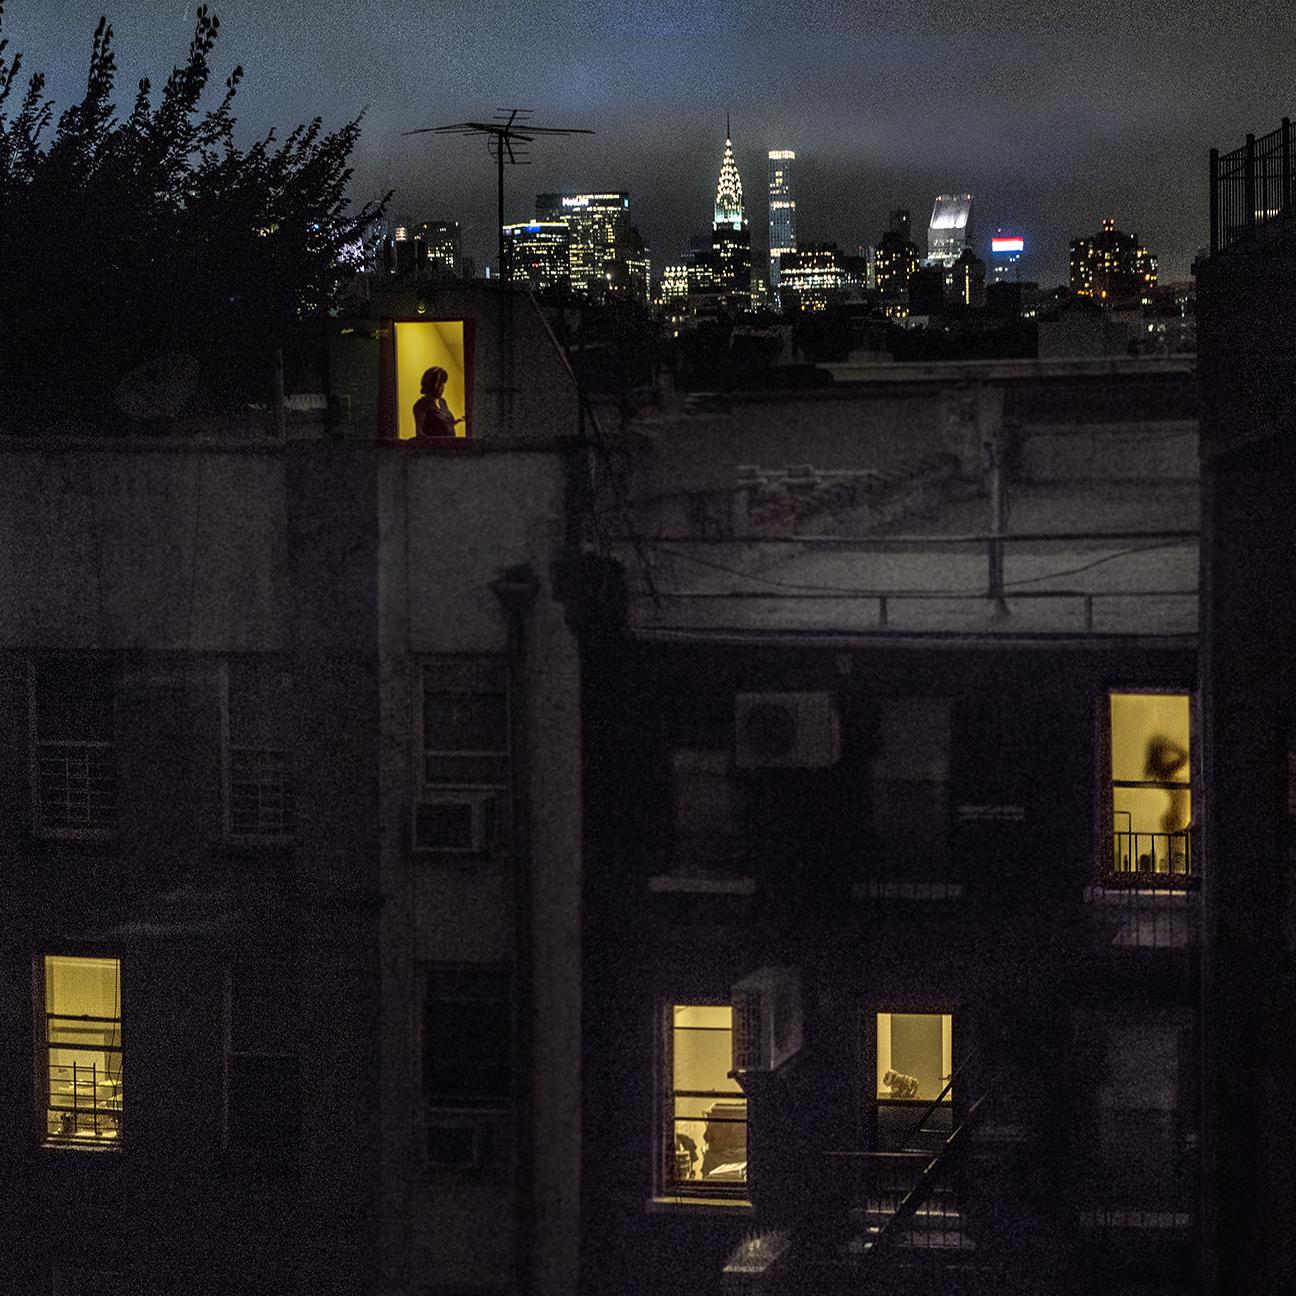 조명 된 창문이있는 밤 5 번가 이스트 XNUMX 번가에있는 Sally Davies의 백미러.